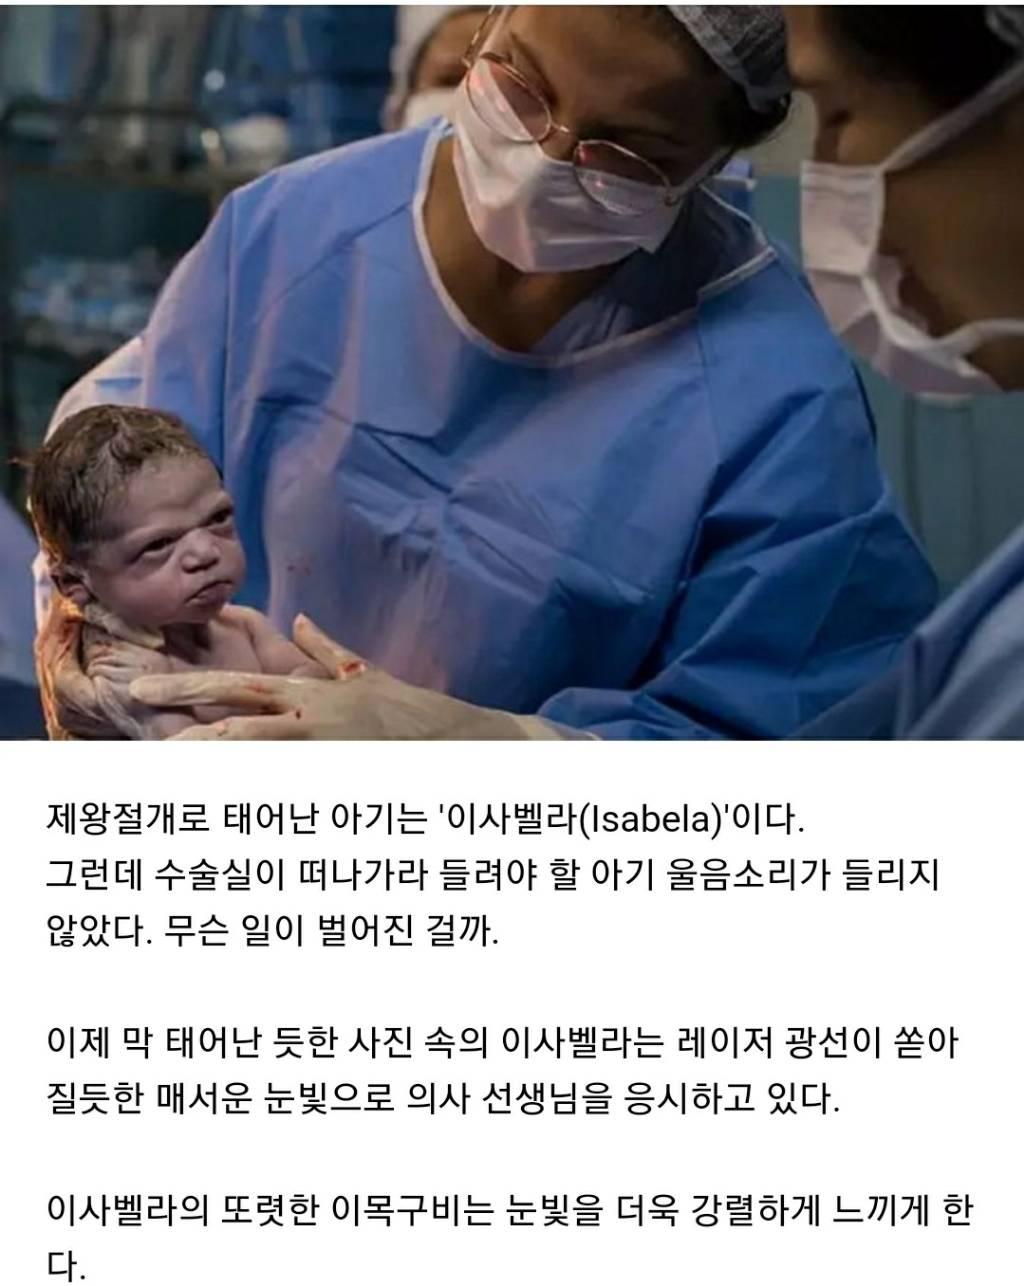 태어났는데 안 울고 의사쌤 노려보며 버티다 엉덩이 맞고 결국 울음 터뜨린 아기   인스티즈